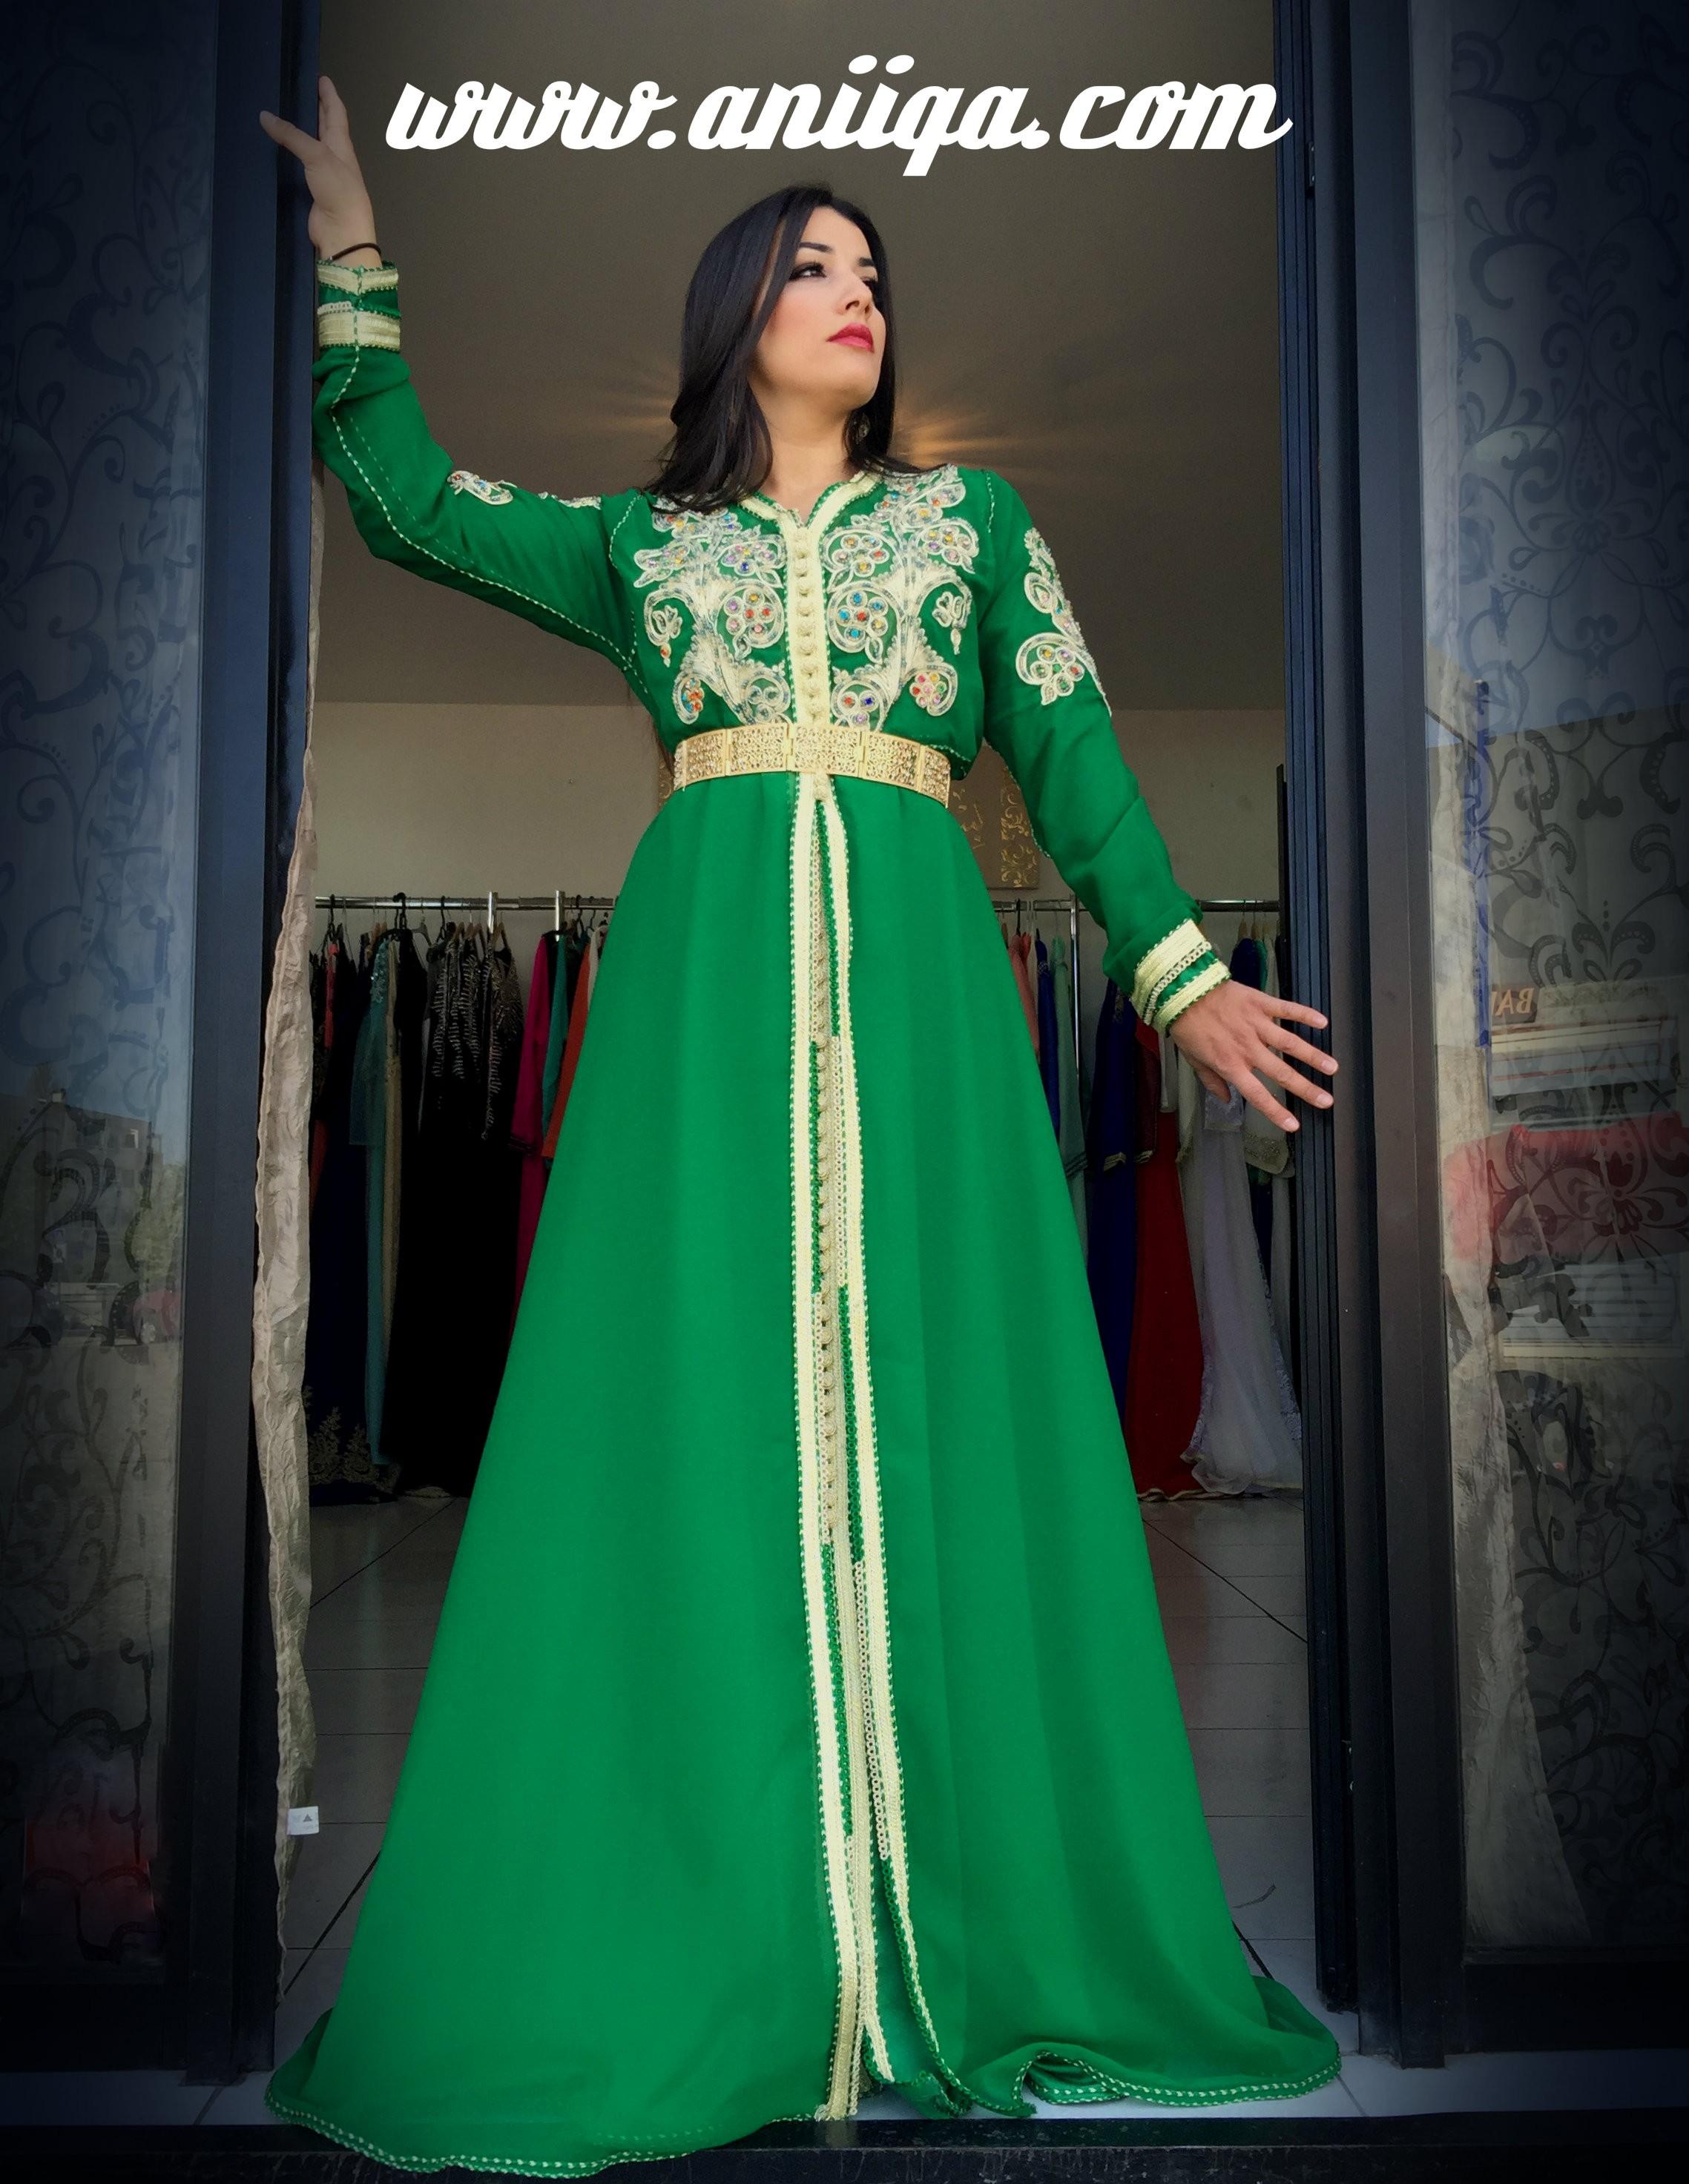 4b344661e93 Takchita Paris Caftan Pour Cher Et A caftan Pas Marocain Halal Y5YrBqwOax